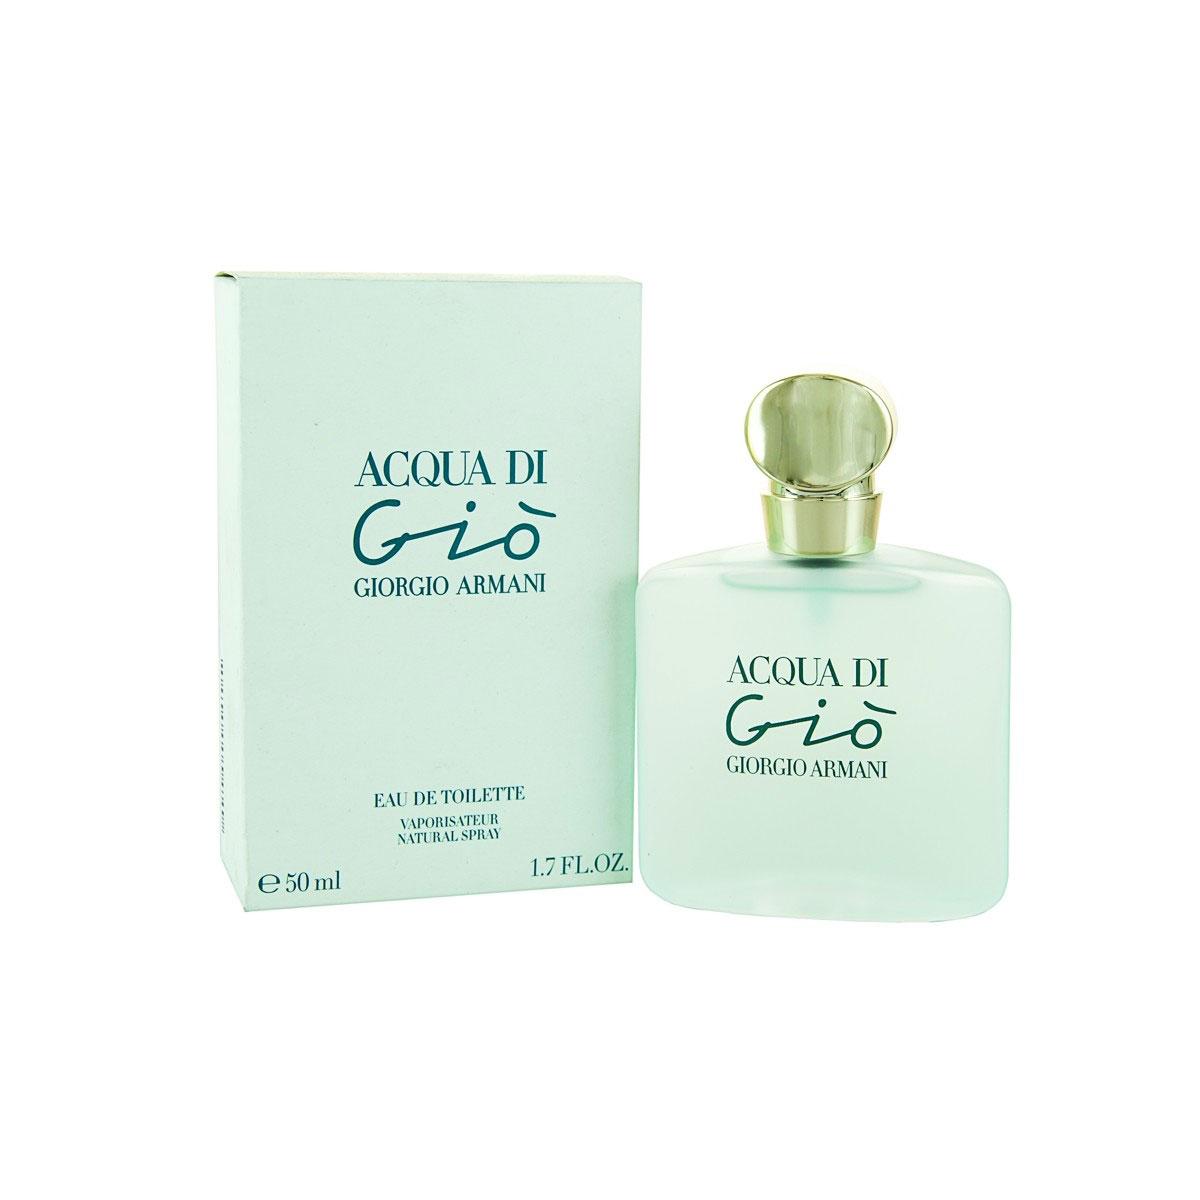 Giorgio Armani Aqua Di Gio. Туалетная вода, 50 мл00626_newGiorgio Armani Aqua Di Gio. Туалетная вода, 50 мл